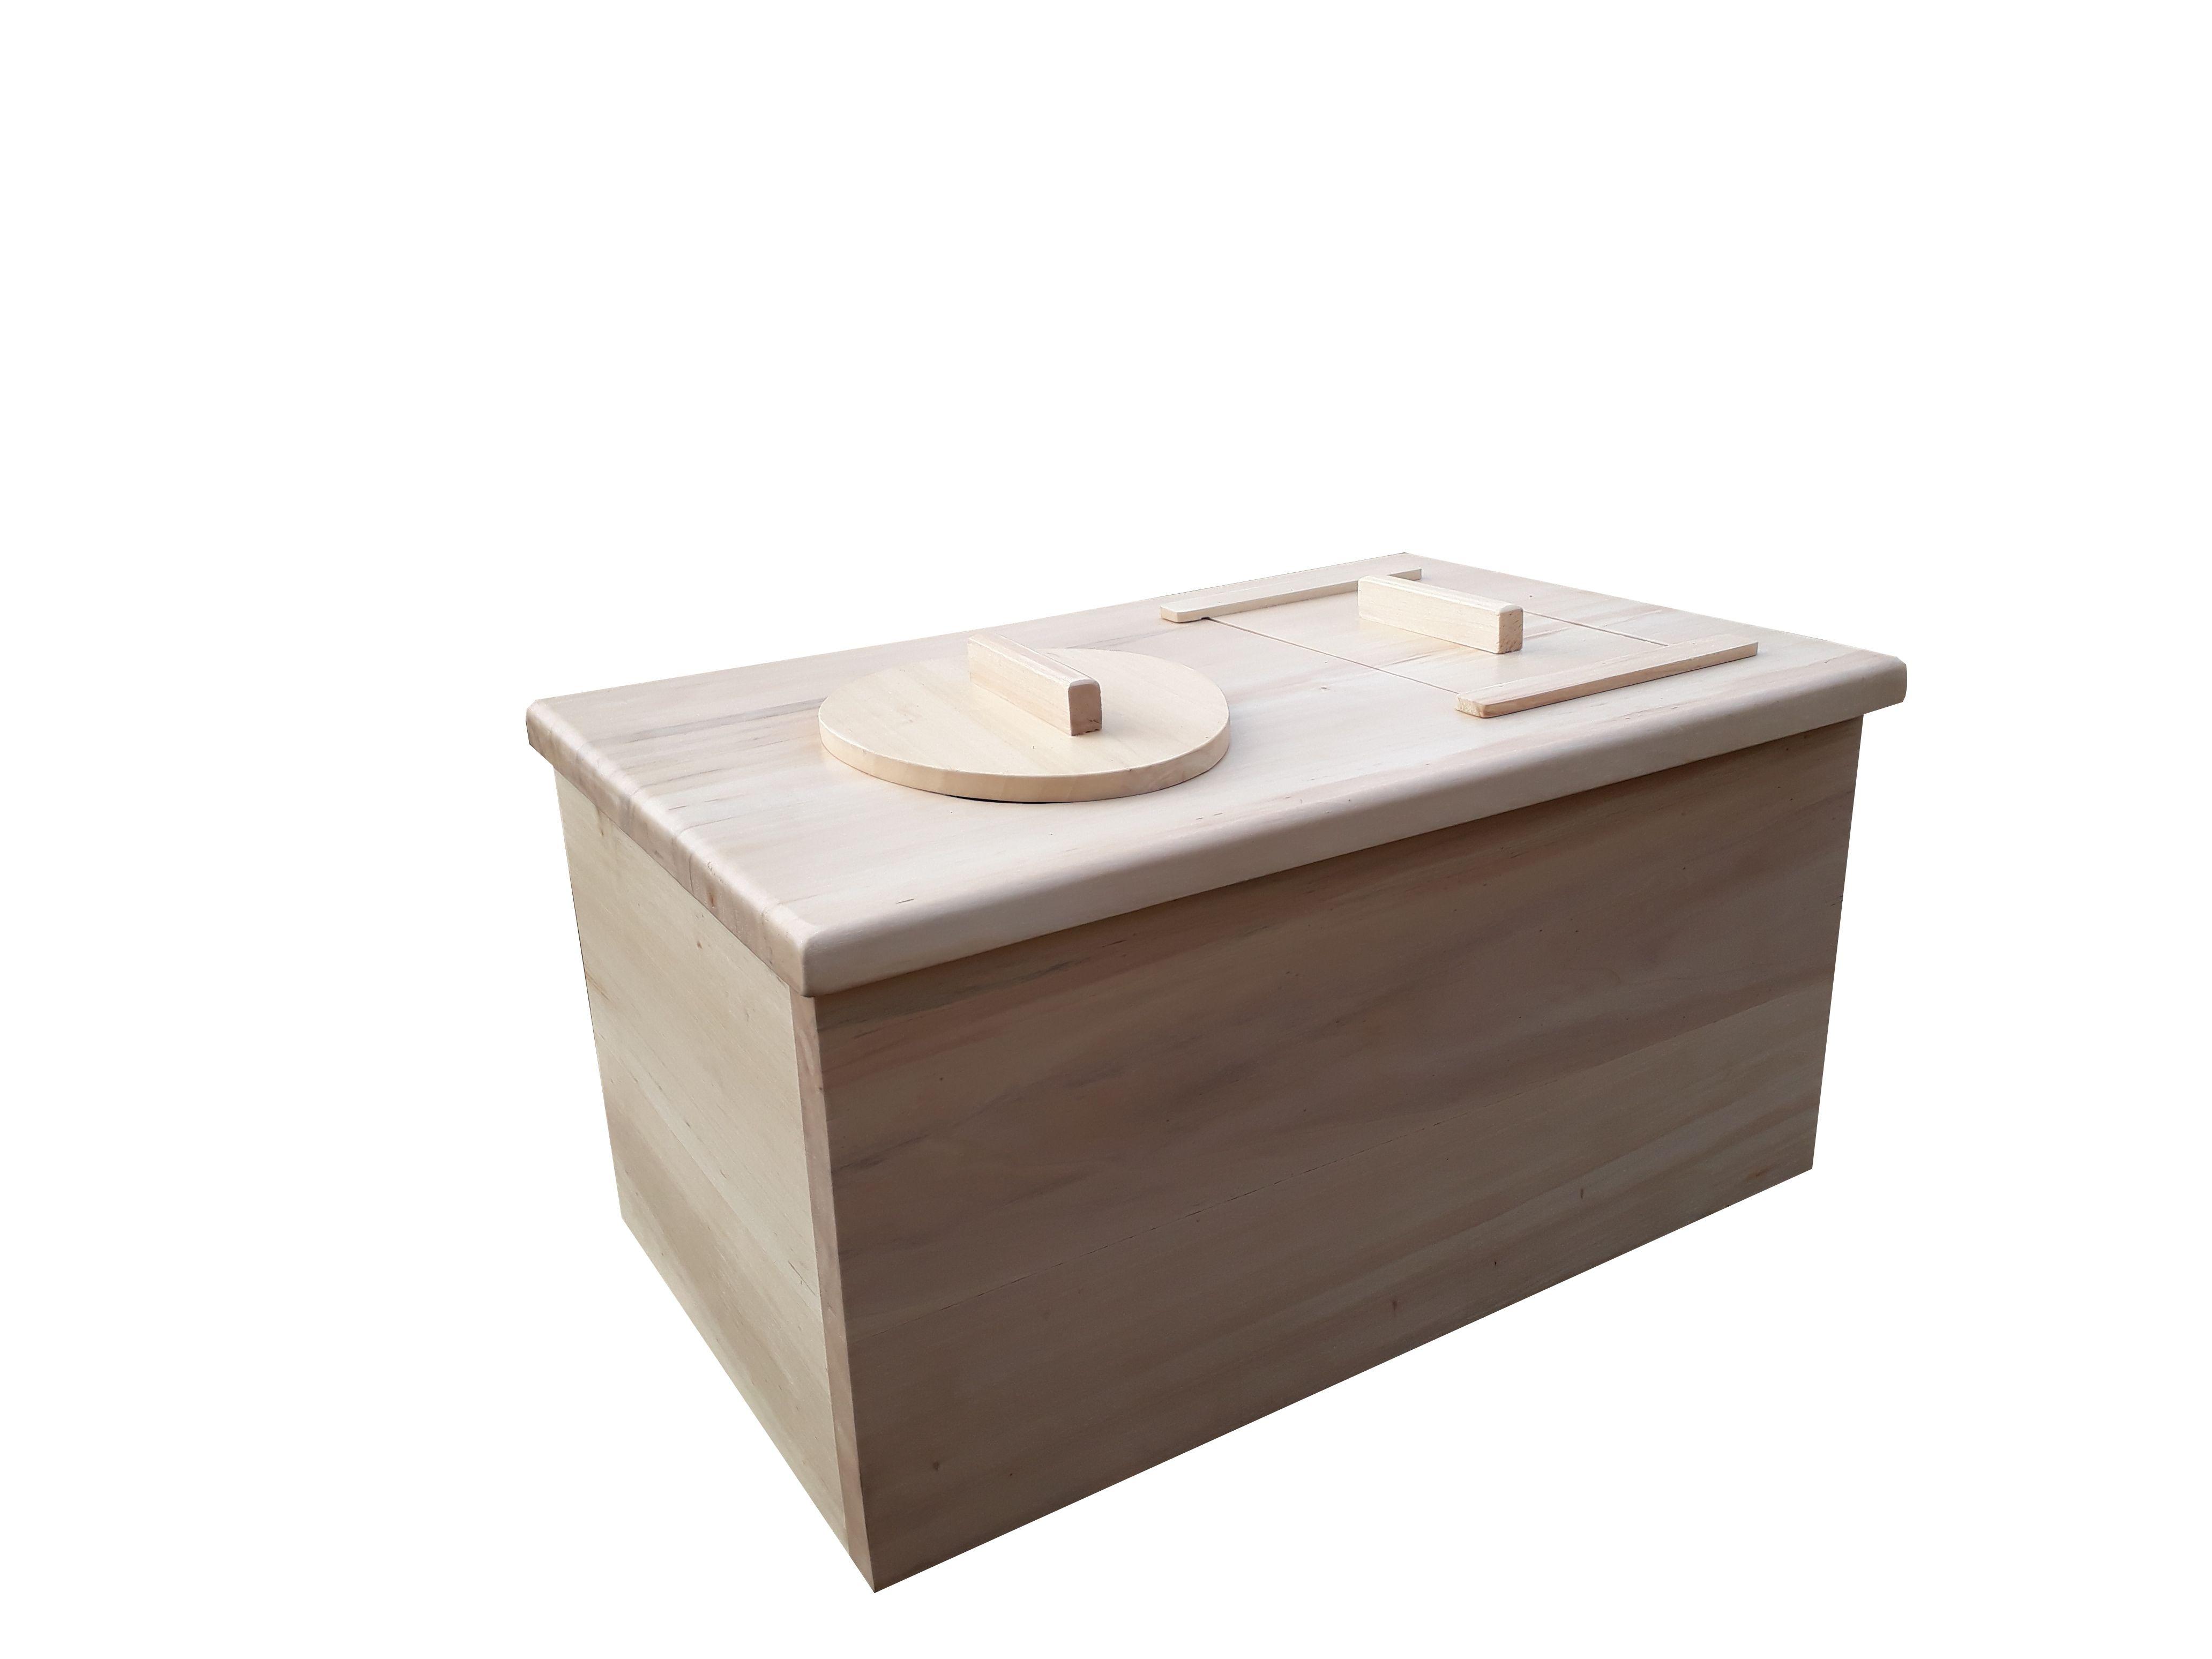 Toilette Sèche À Compost En Bois Pour Enfants. (Avec pour Toilettes Seches Vente